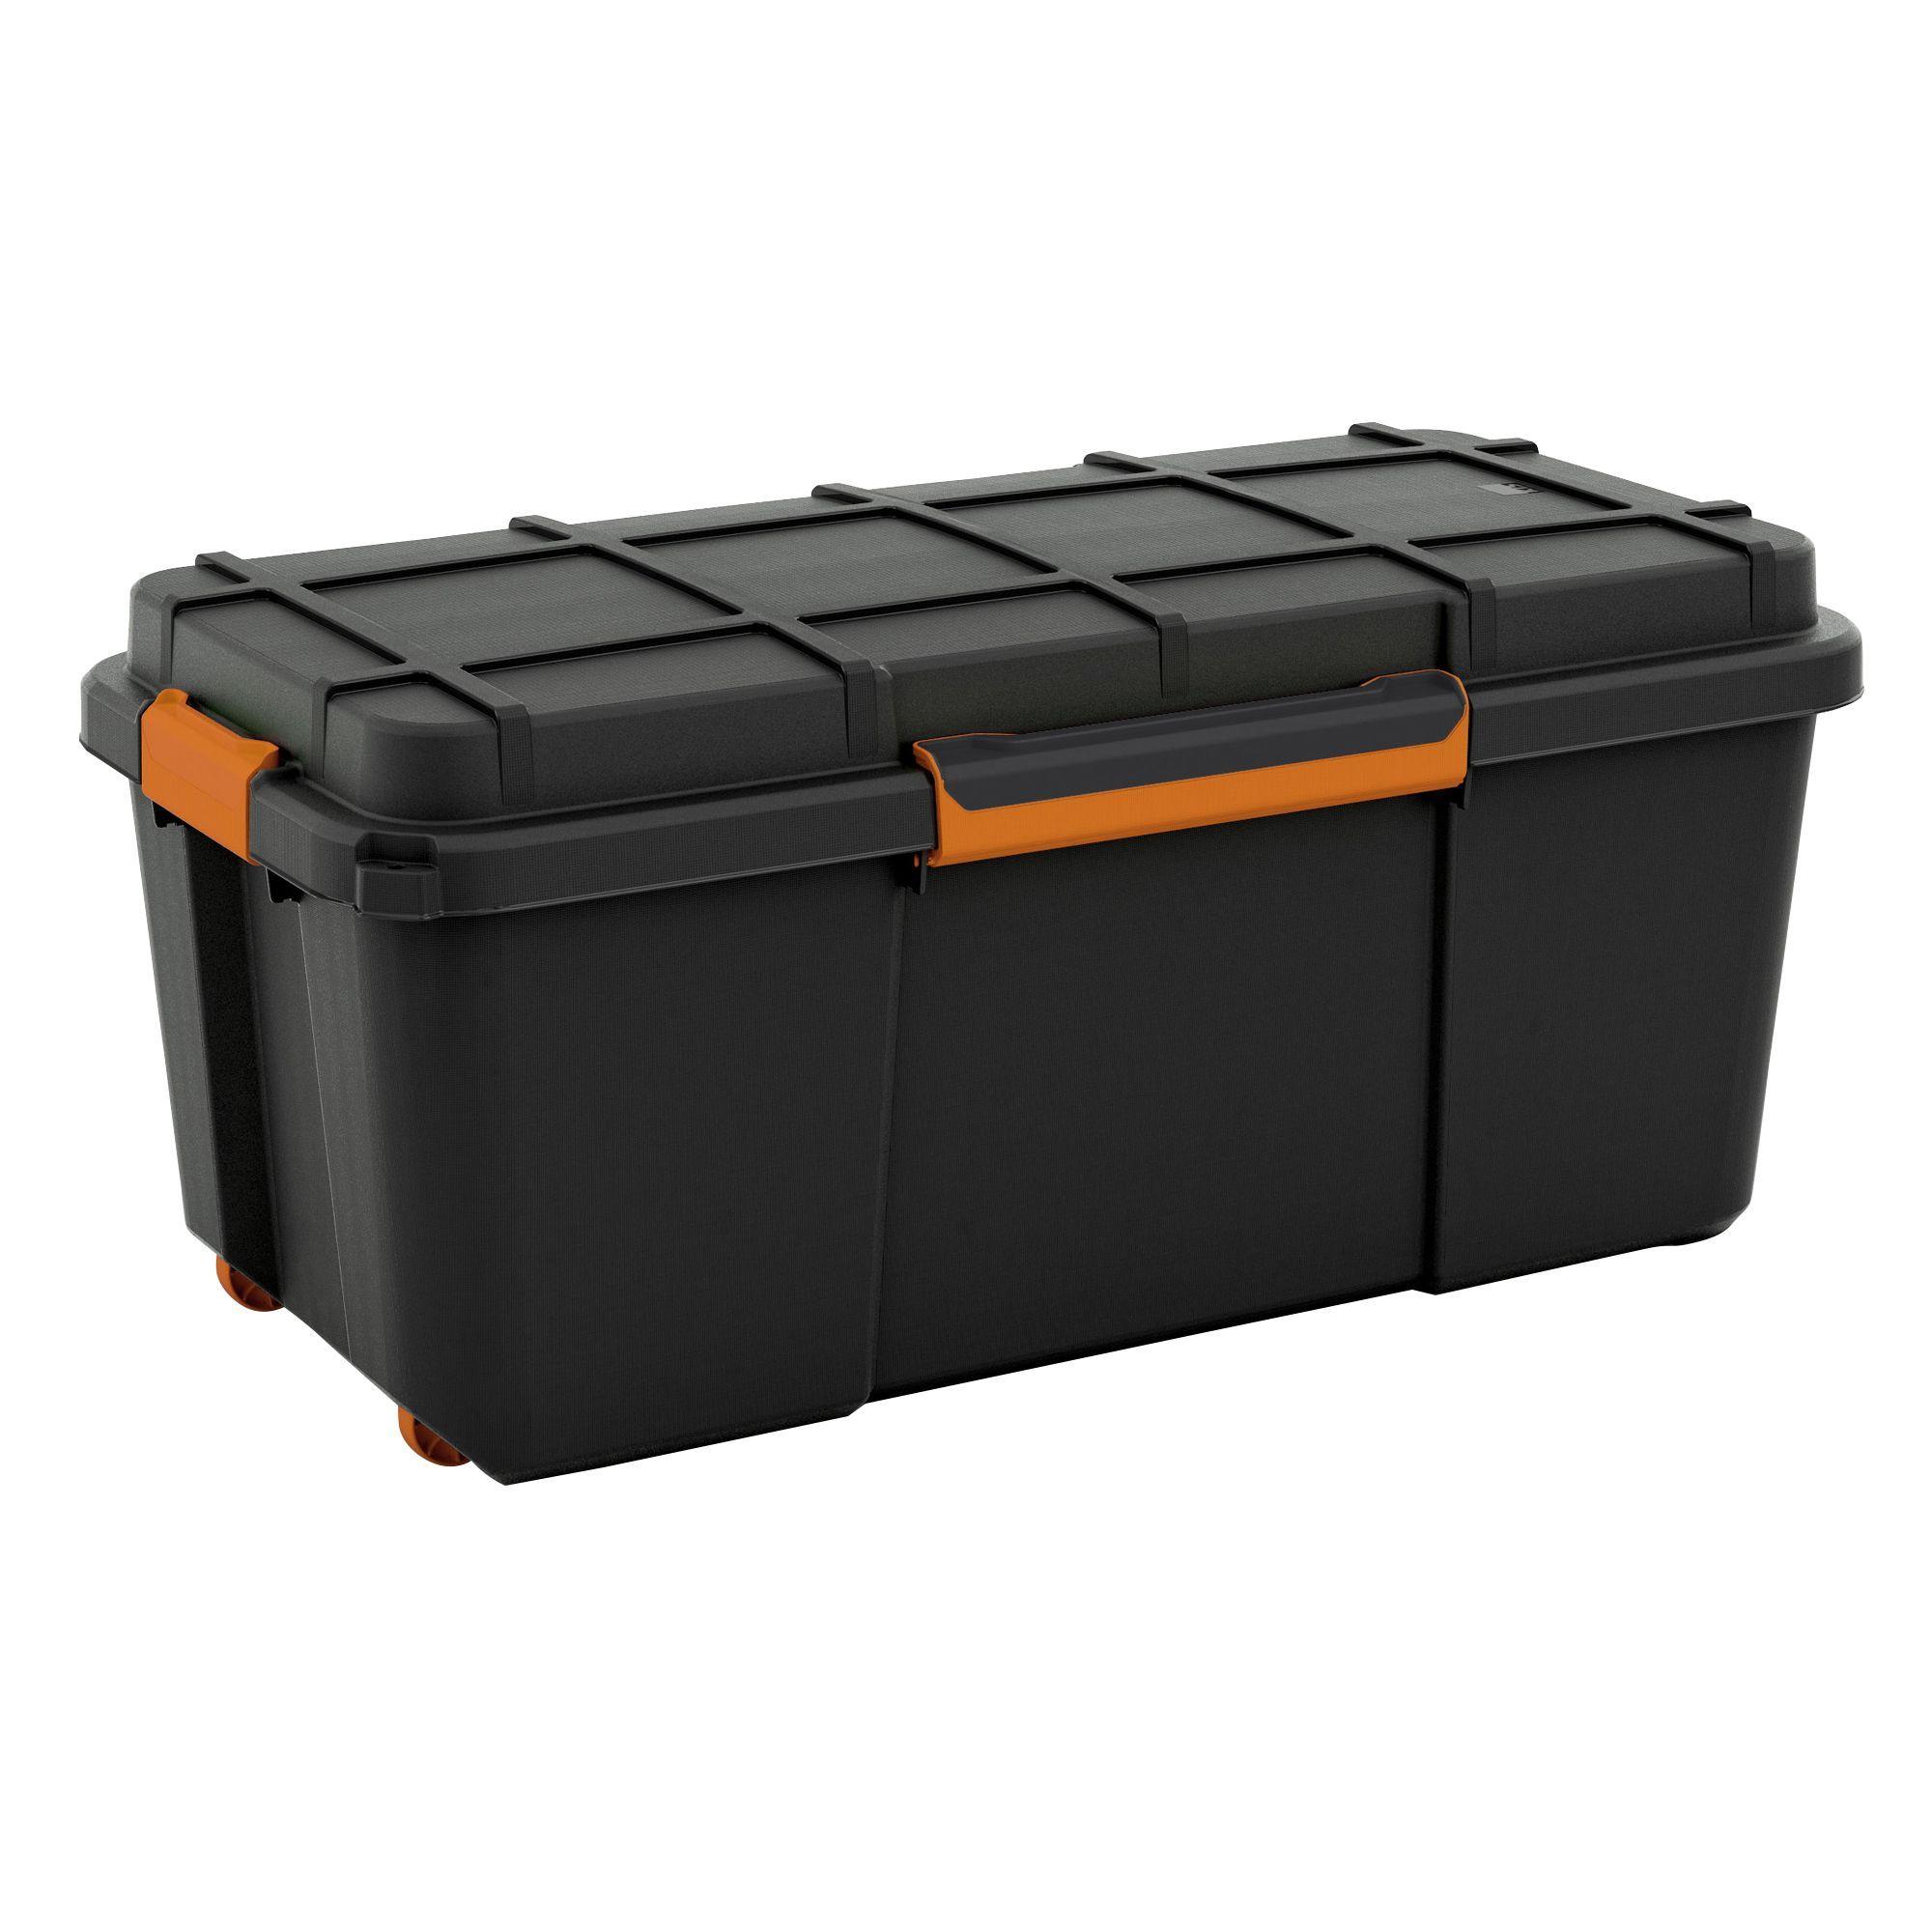 Form FlexiStore Black 74L Plastic Waterproof Storage Box